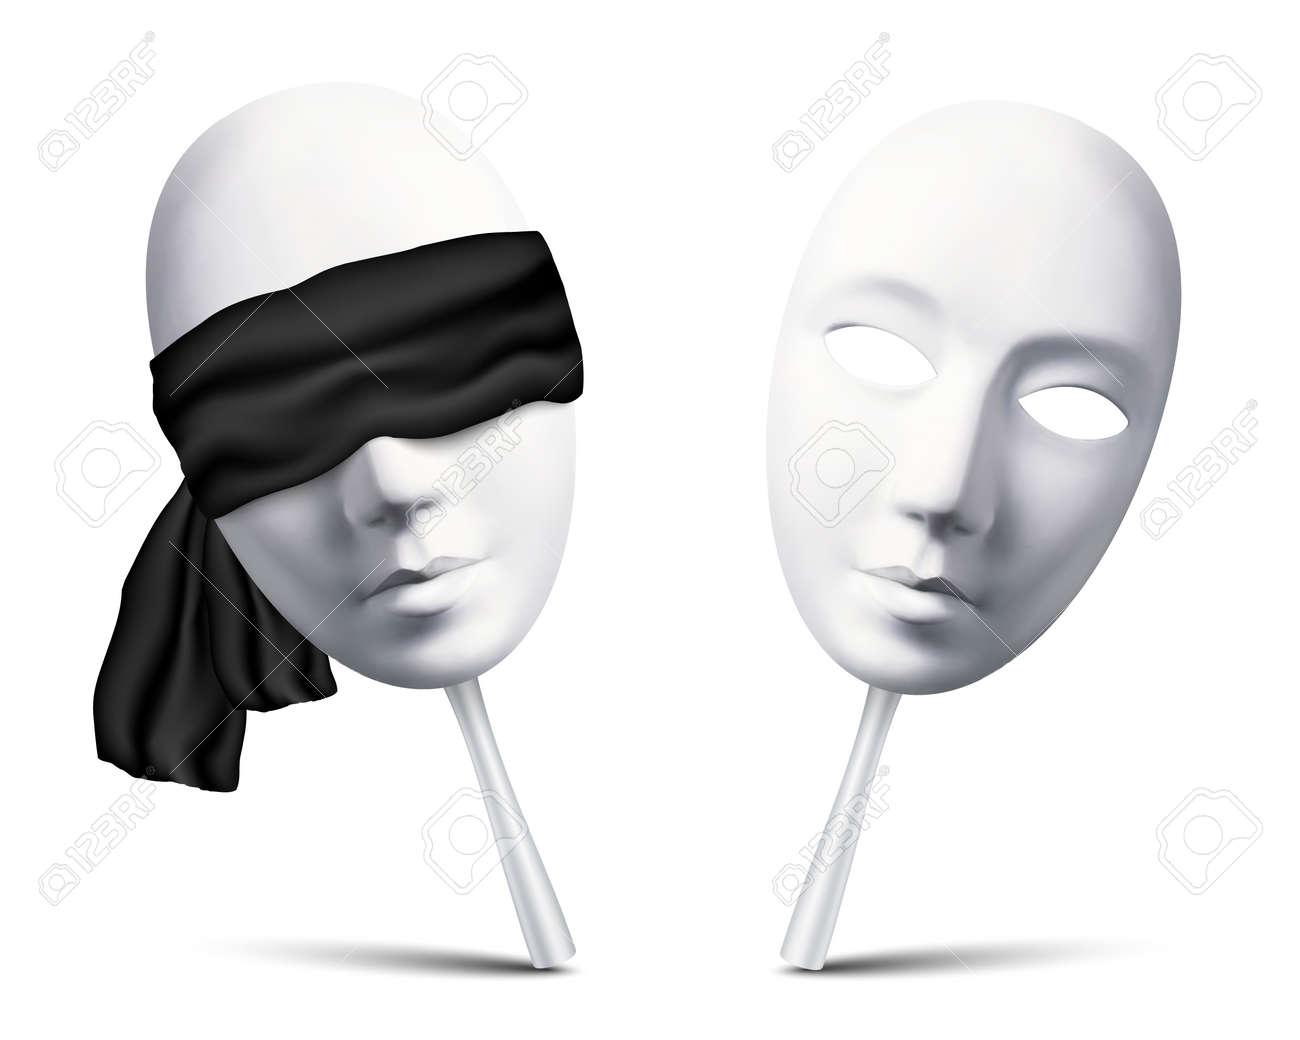 Couple of white vector blindfolded masks for mafia game - 51255644